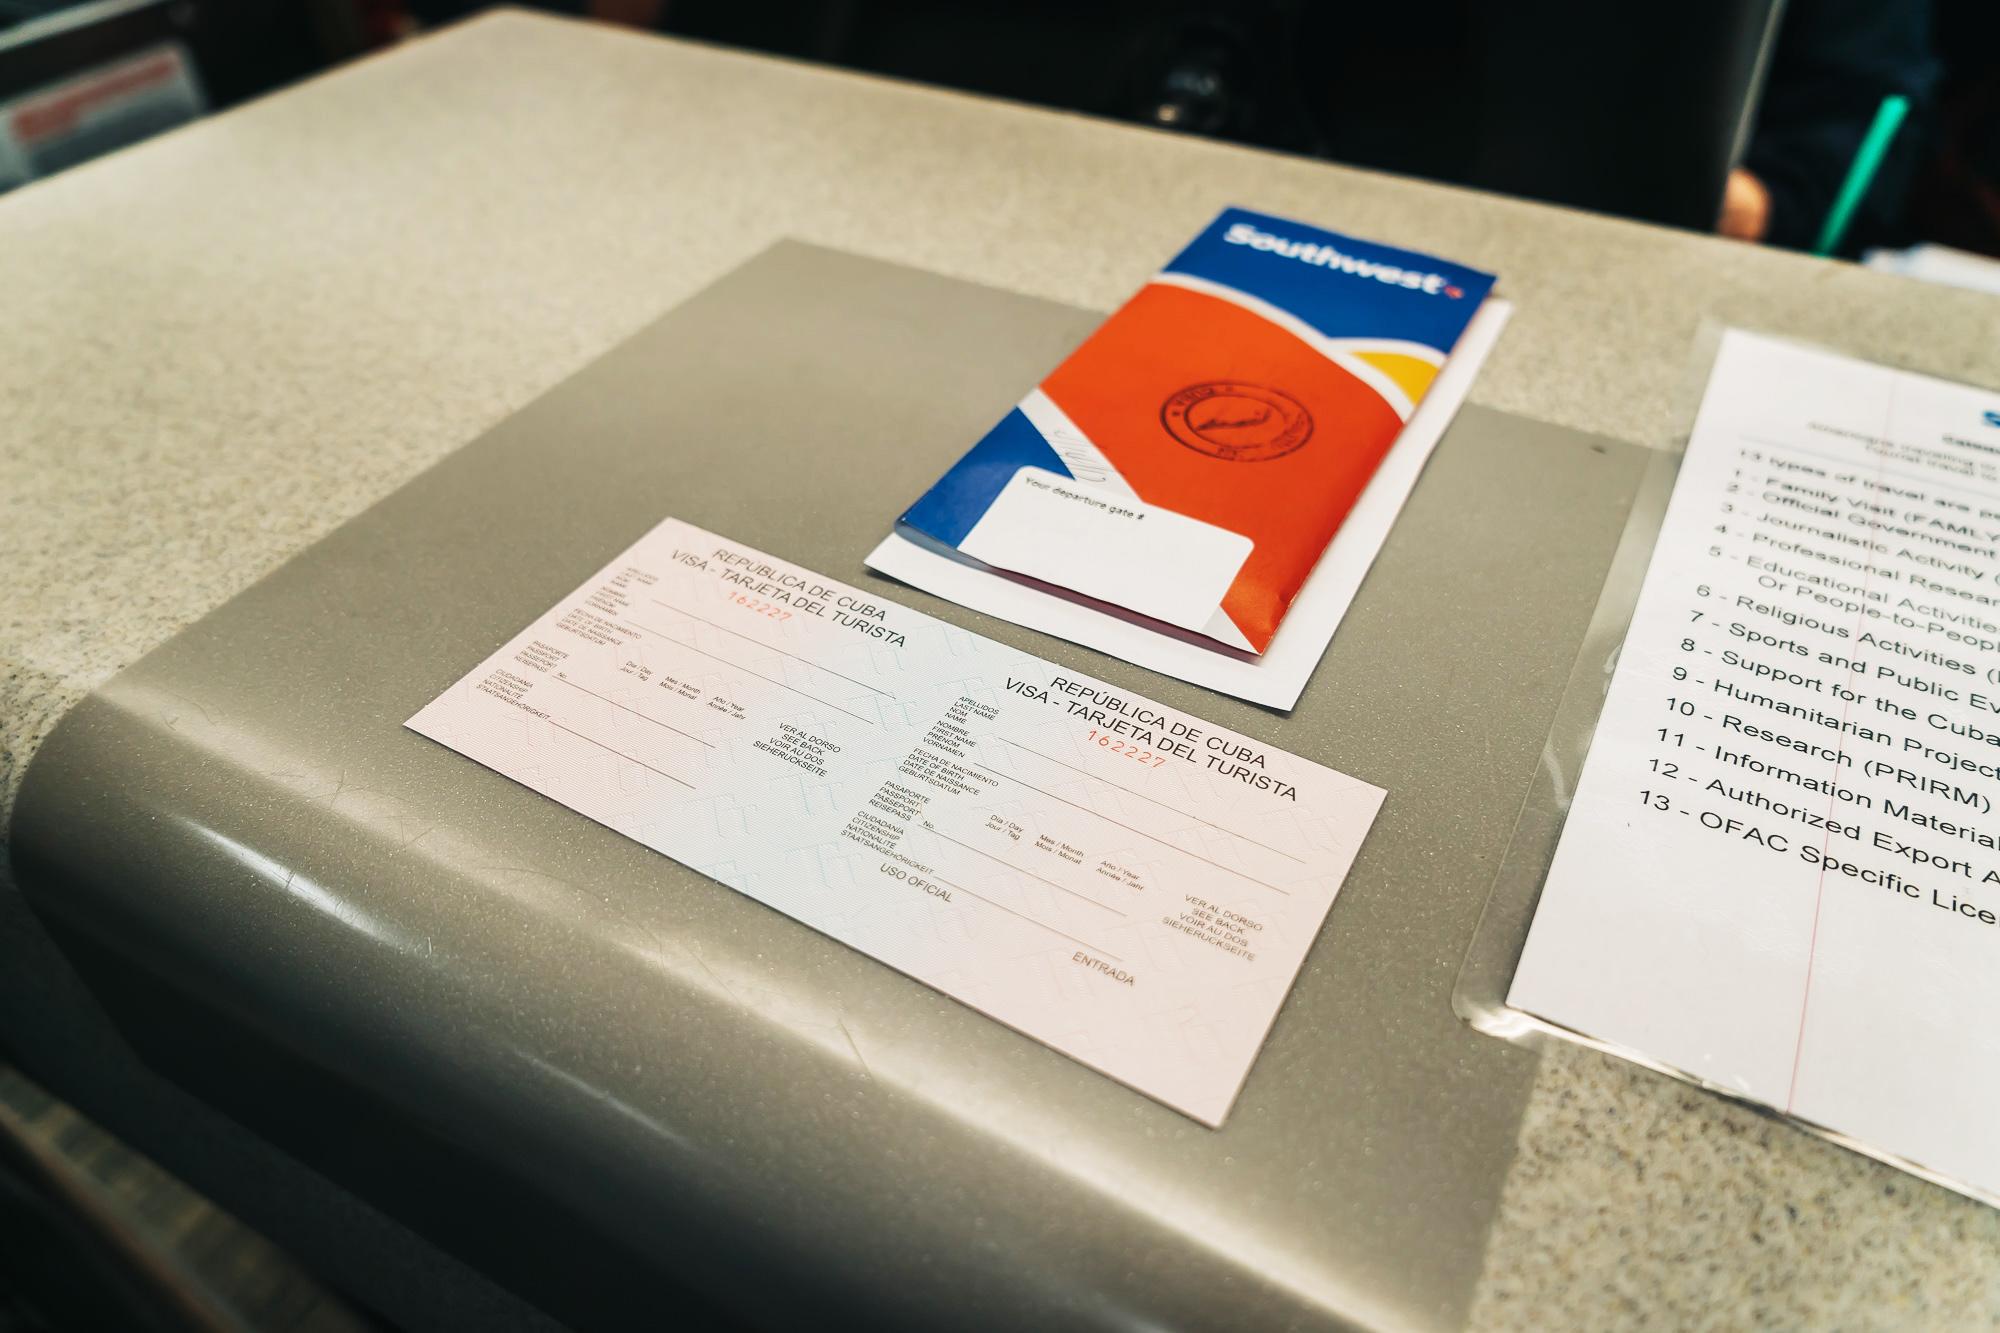 Visa documentatino for Cuba